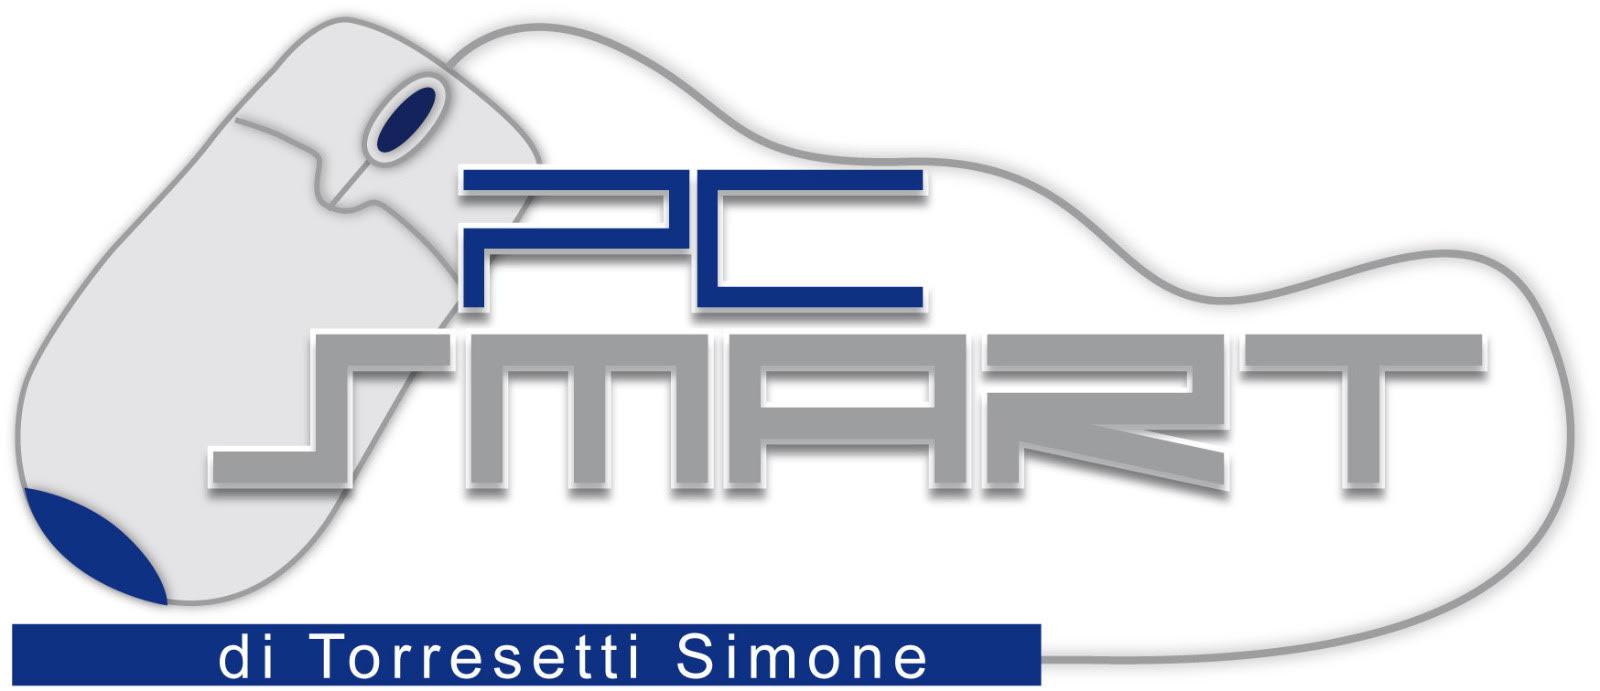 http://www.sutorbasket.it/wp-content/uploads/2020/12/Torresetti.jpg